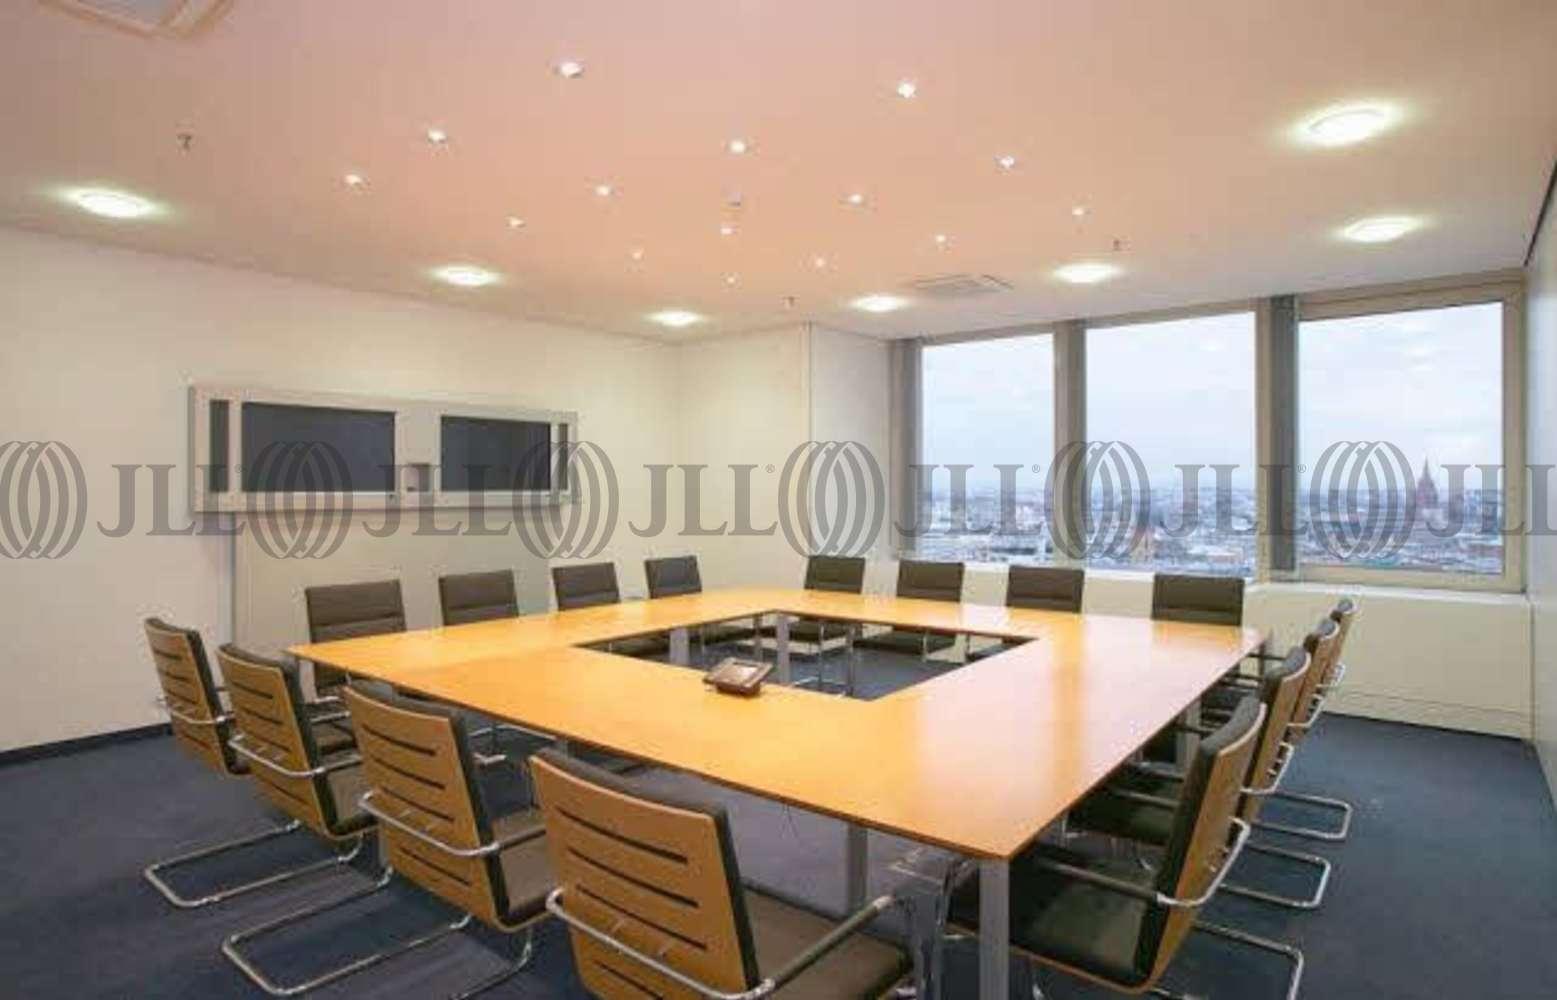 Büros Frankfurt am main, 60311 - Büro - Frankfurt am Main, Innenstadt - F0704 - 9521142